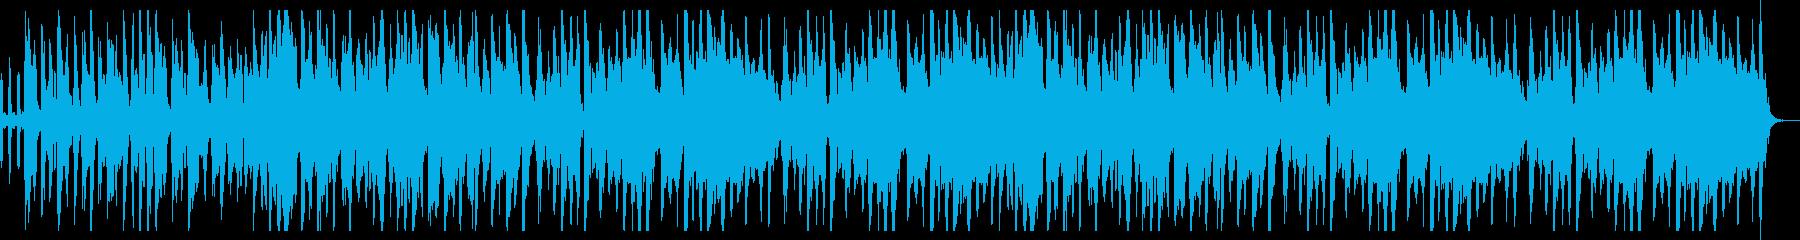 民族-「Oom-Pa-Polka」...の再生済みの波形